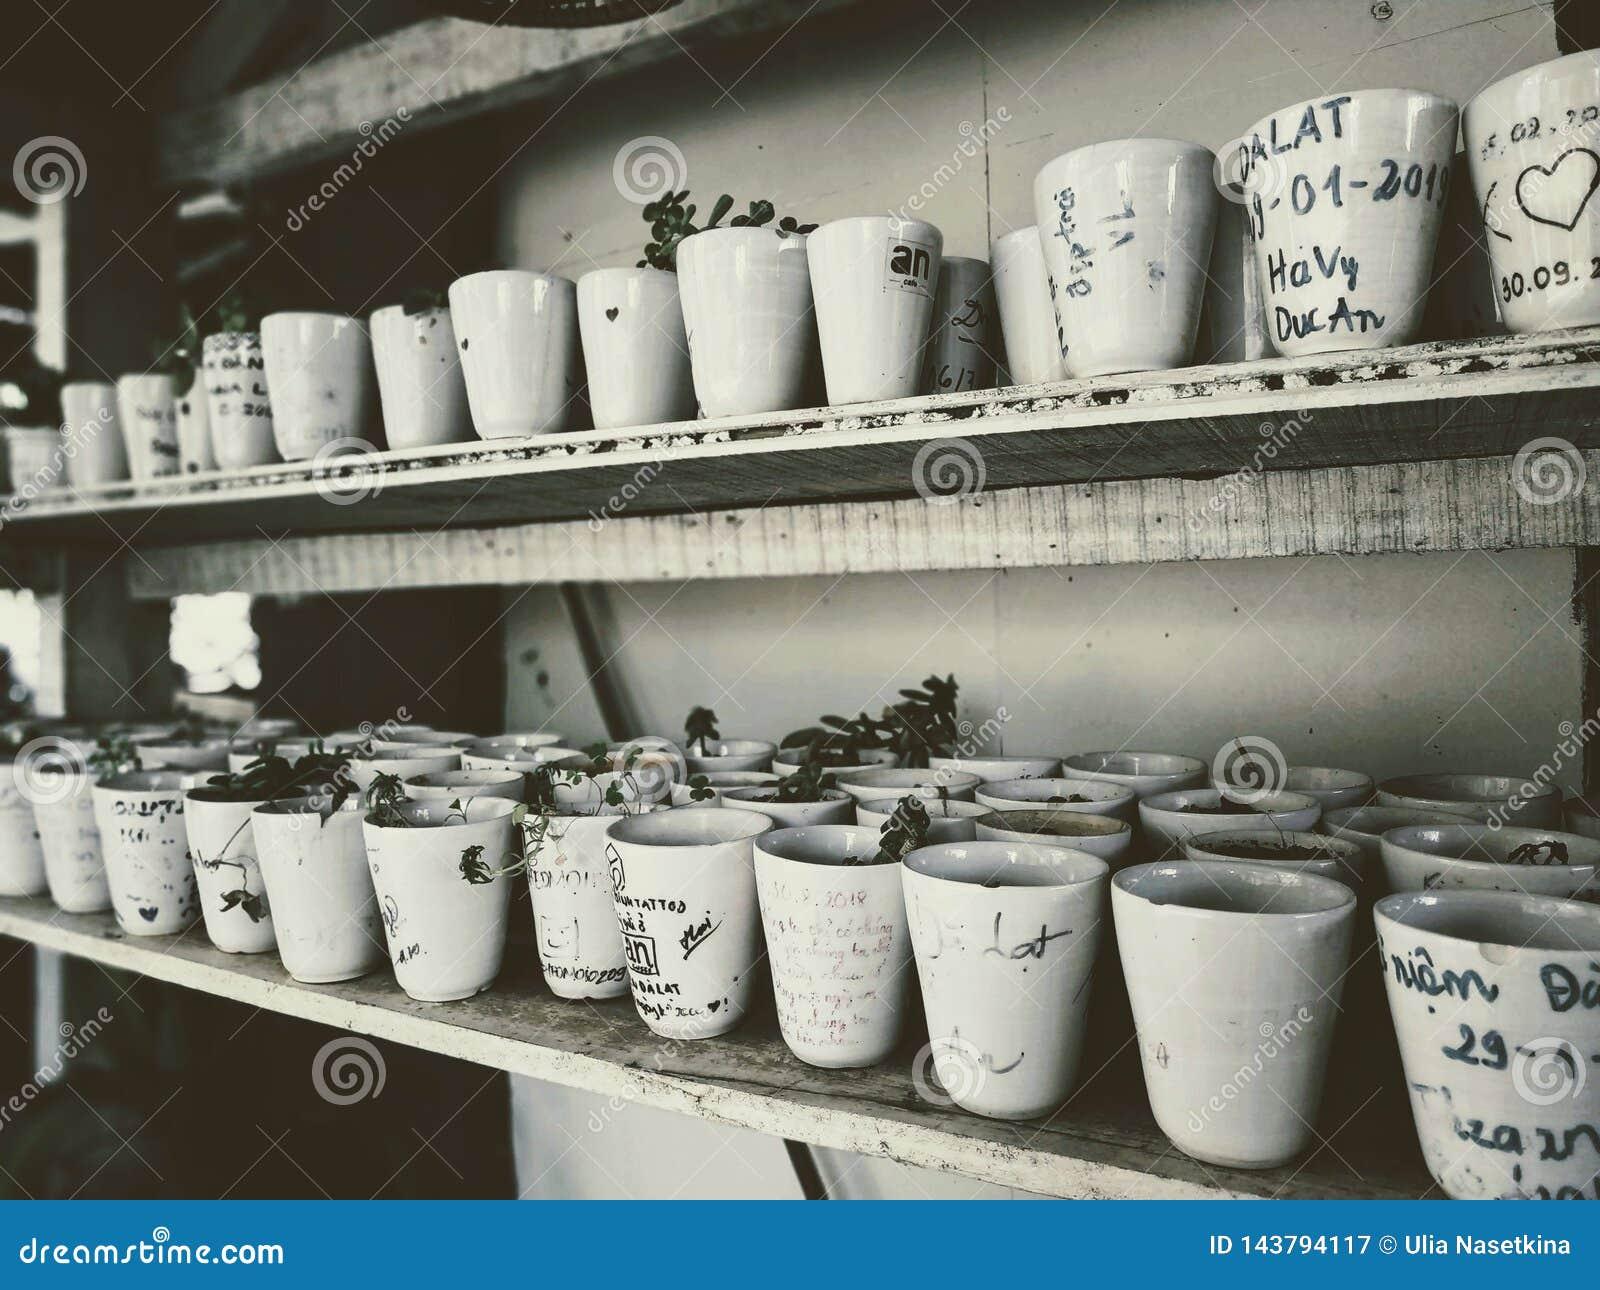 Beaucoup de petits pots sont sur les étagères décoration intérieure dans un café